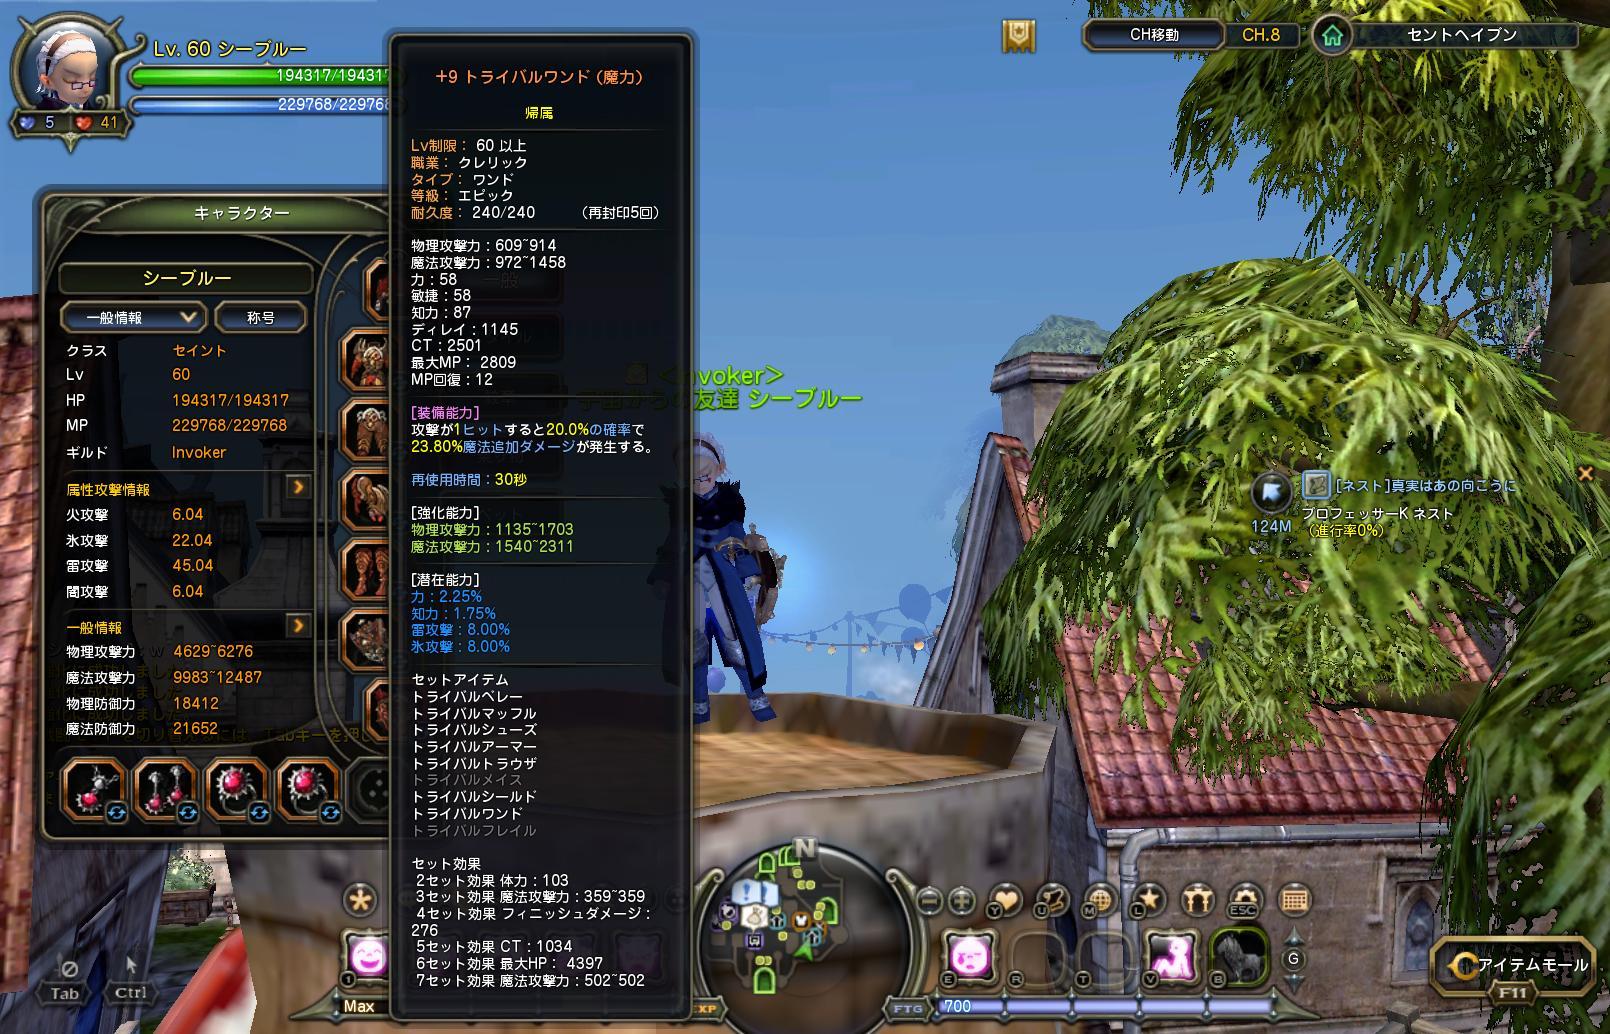 DN 2012-09-11 17-04-45 Tue